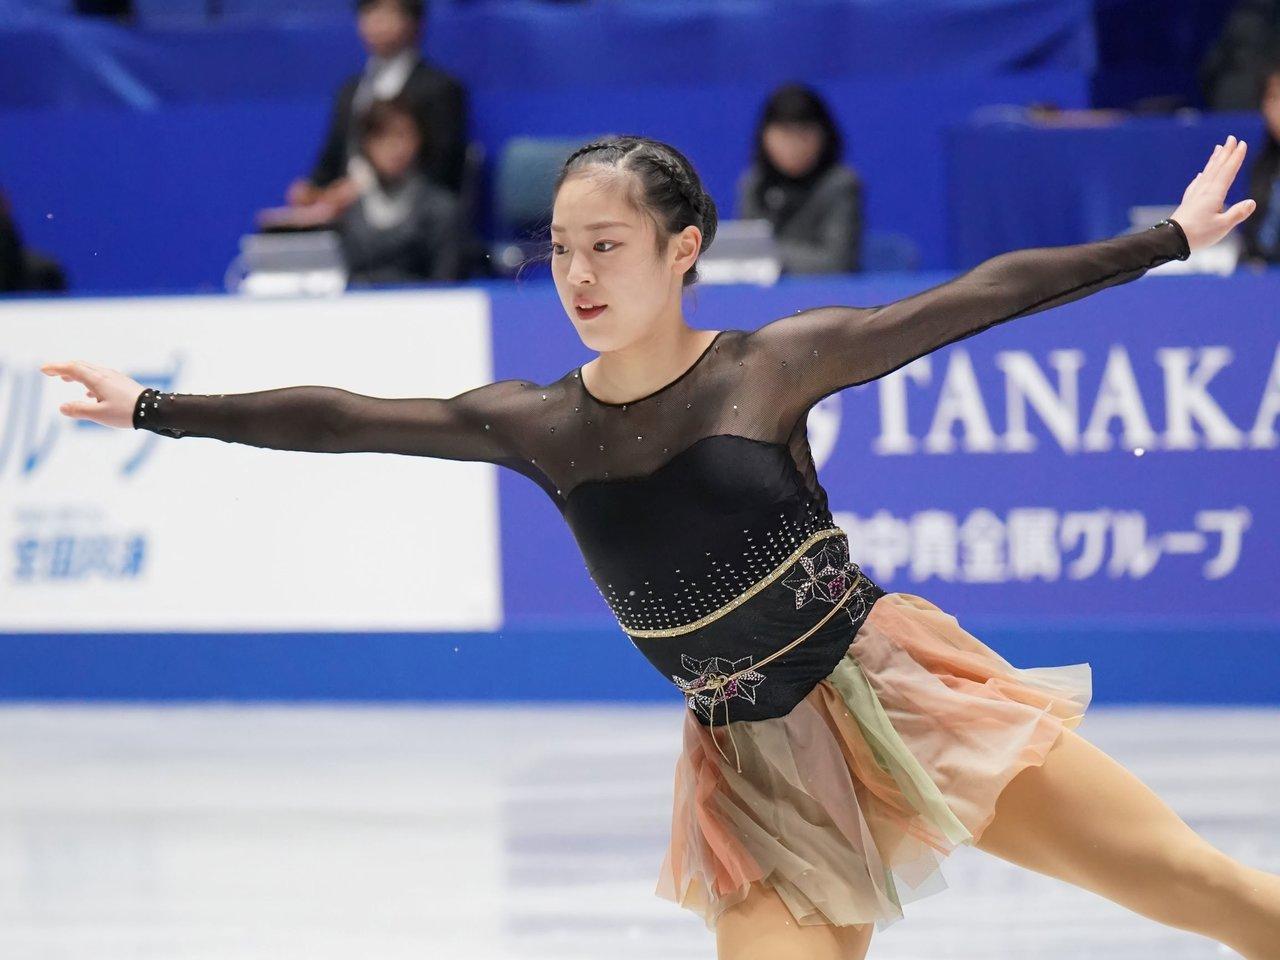 氷都新時代!八戸国体、出場選手インタビュー!今大会注目のスケート選手を紹介します。①